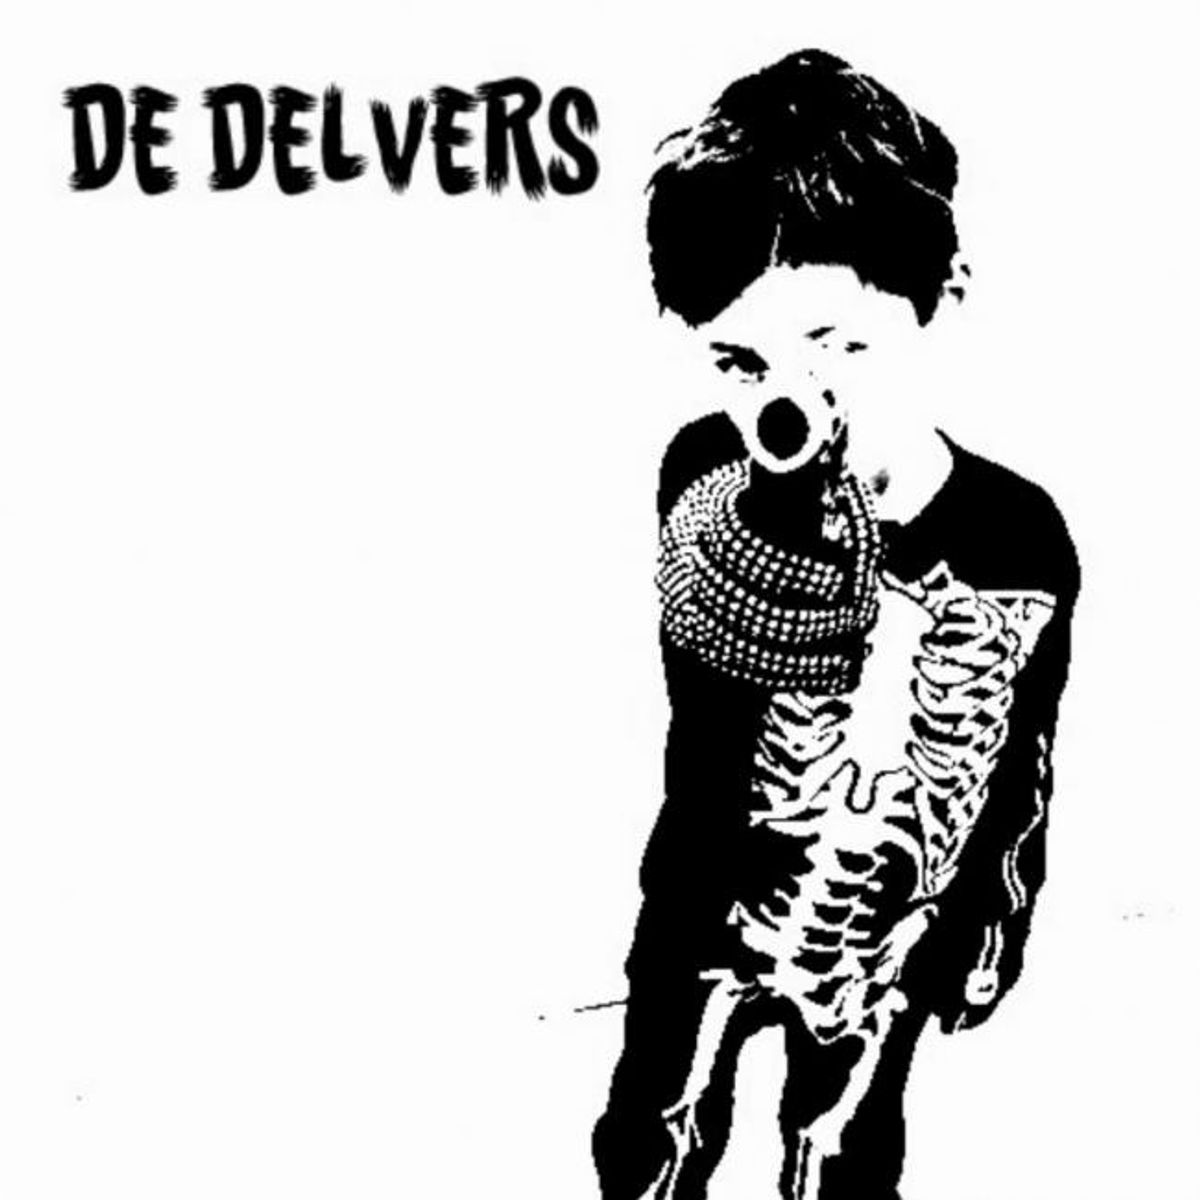 De Delvers - 'De Delvers'